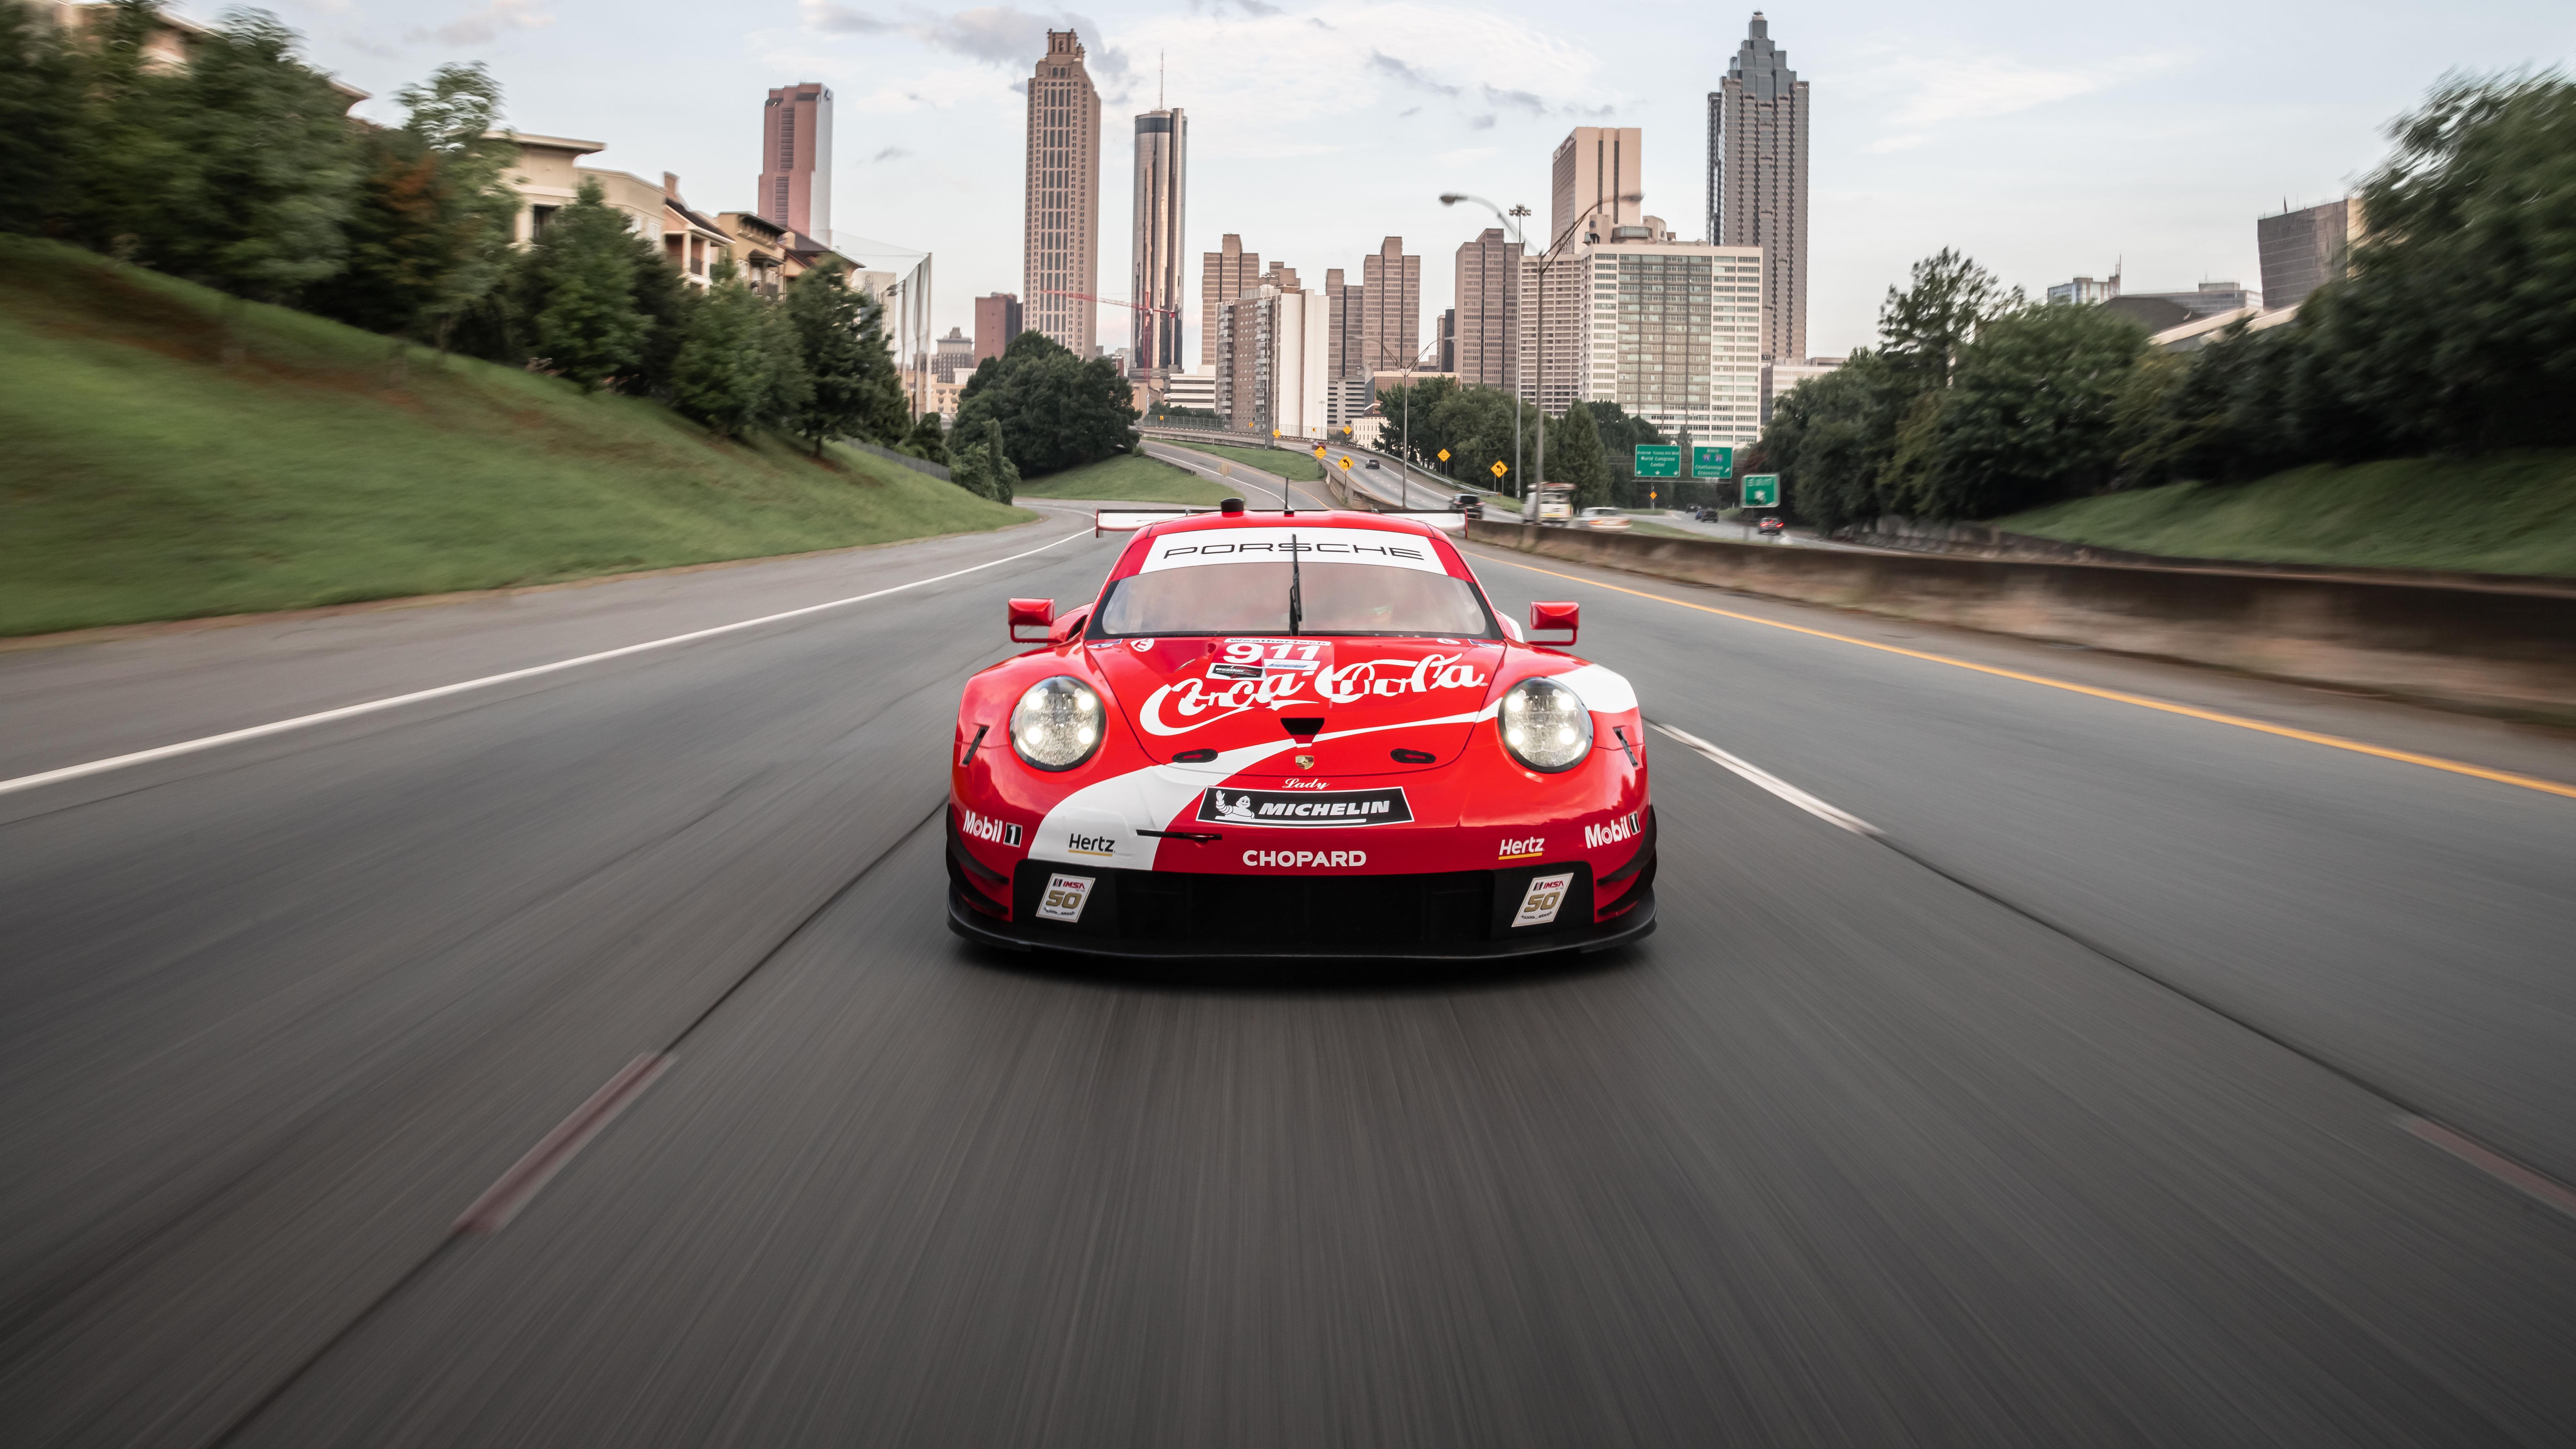 Wallpaper Porsche 911 Rsr Race Cars 7669x4314